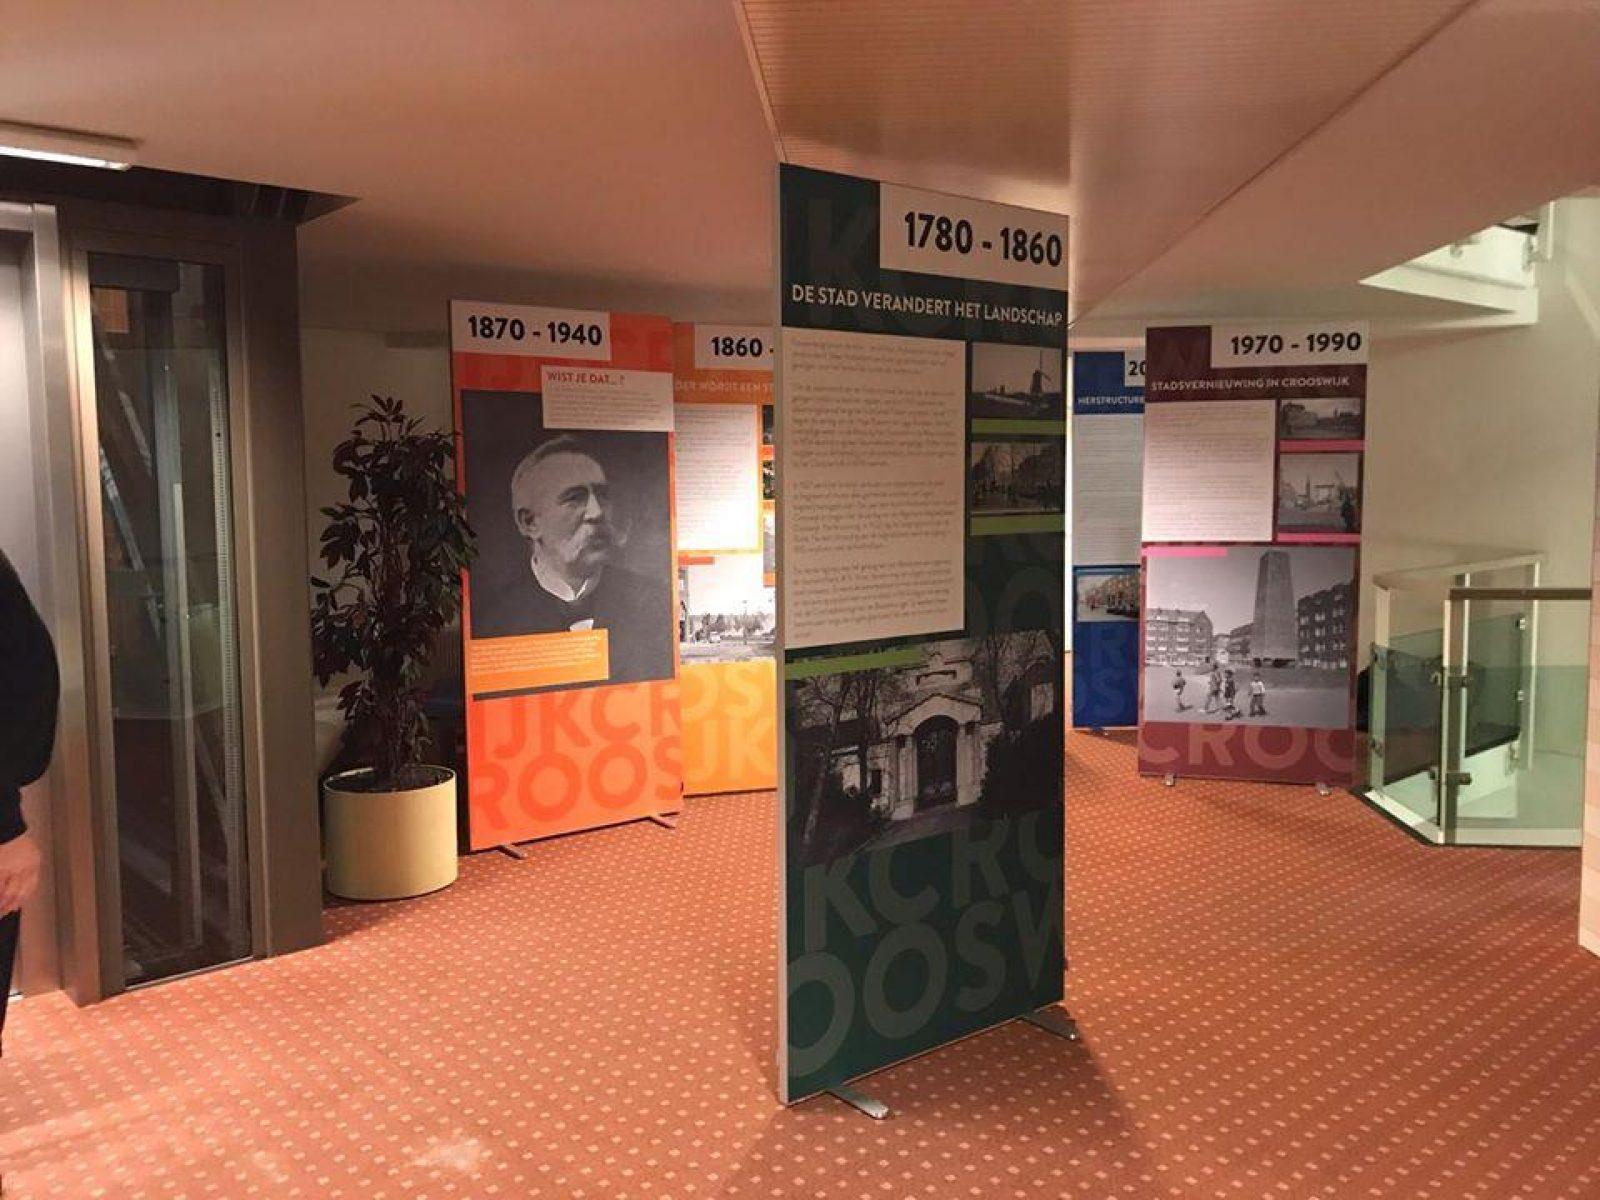 20200219 Crooswijk expositie